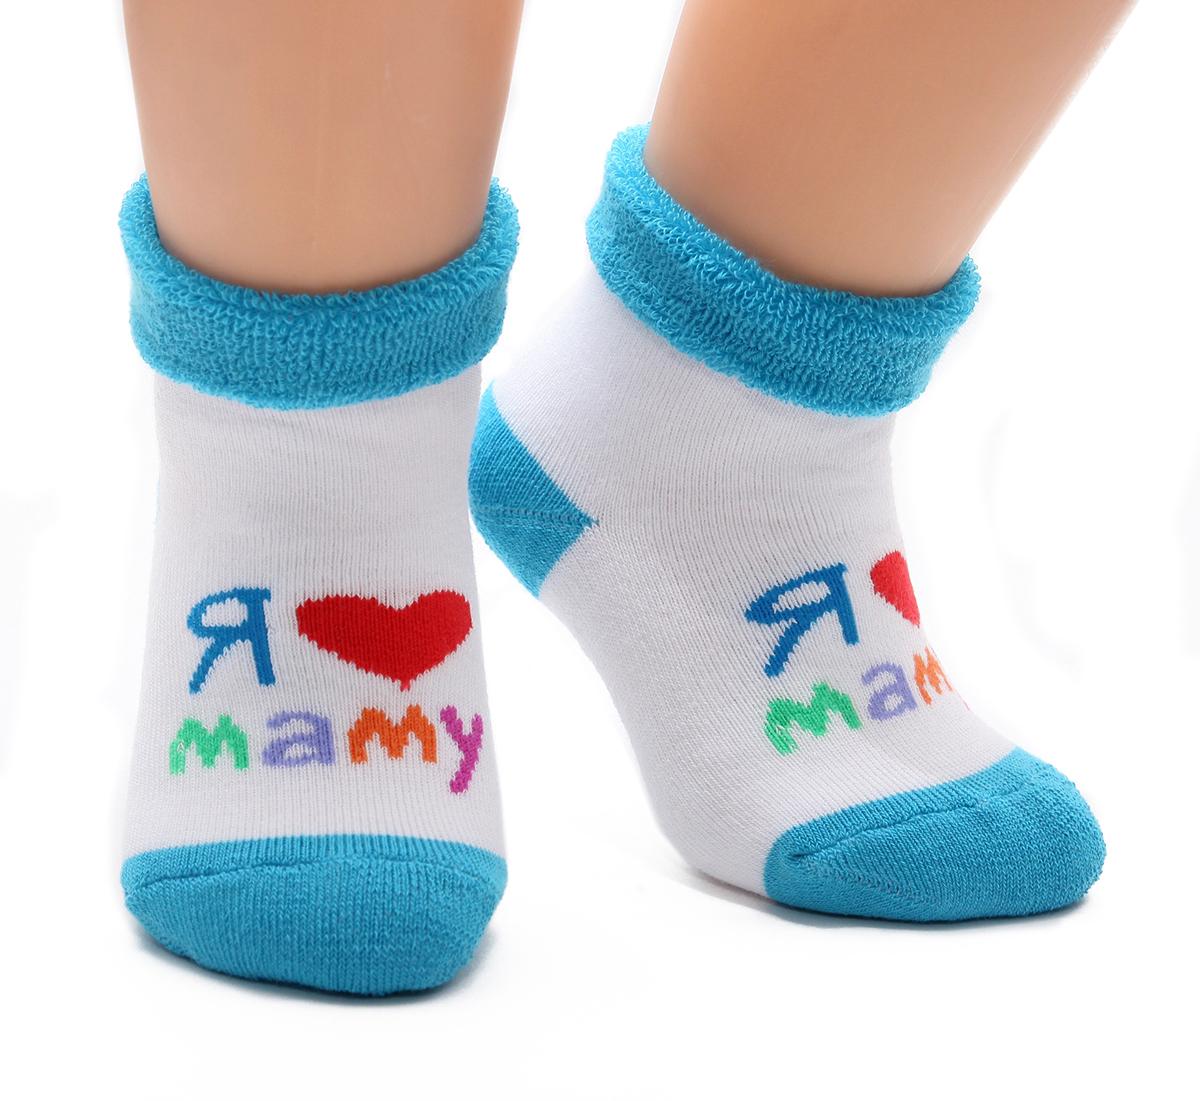 126Махровые детские носочки изготовлены из высококачественного хлопка. Мягкая широкая резинка, не перетягивает ножку.